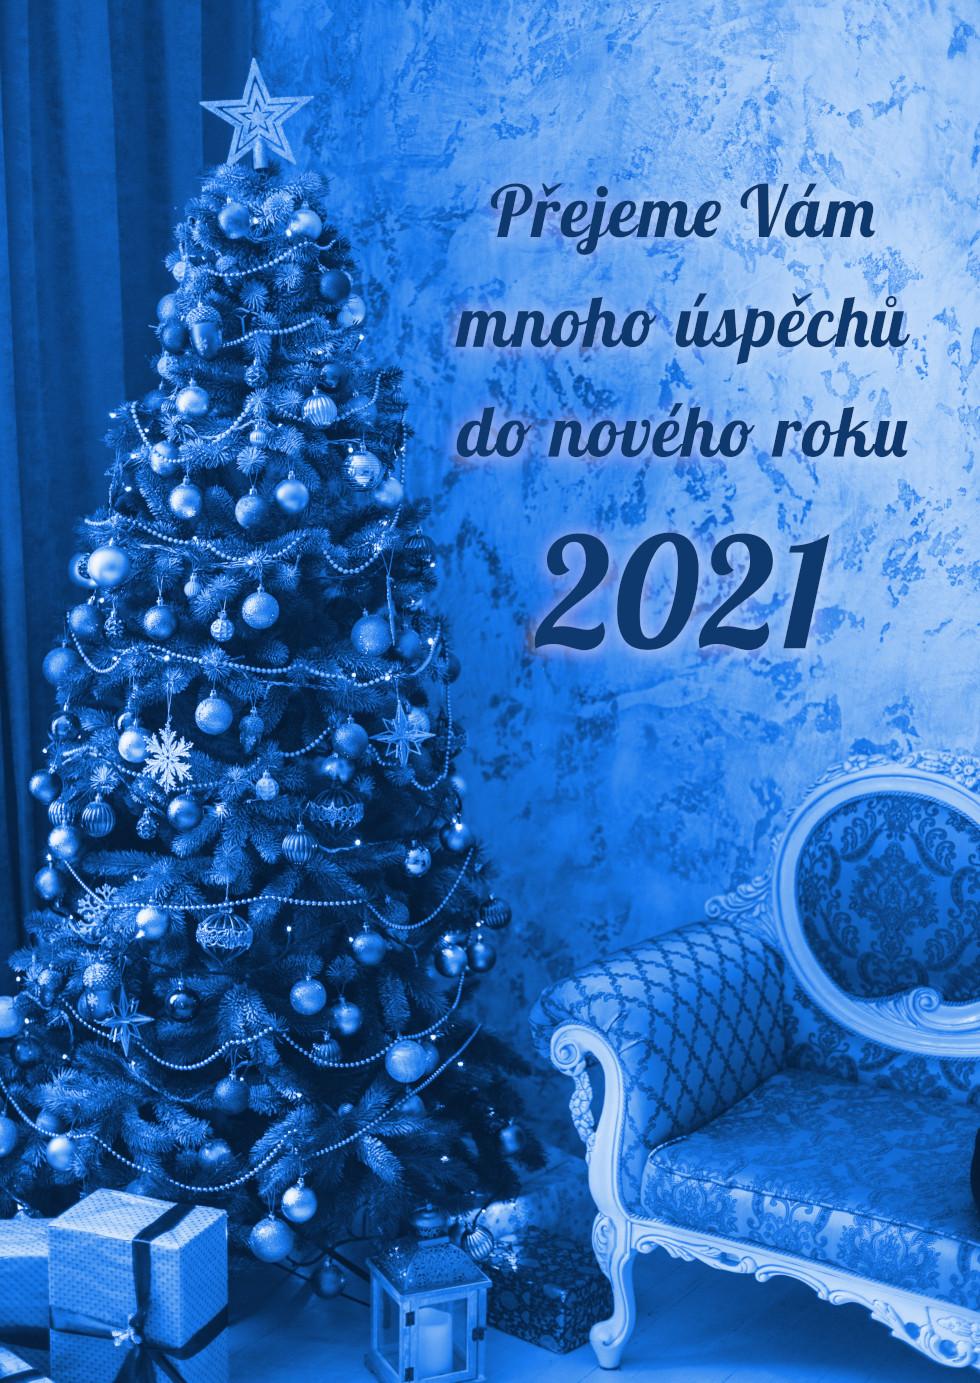 PF 2021 - Přejeme Vám mnoho úspěchů do nového roku 2021